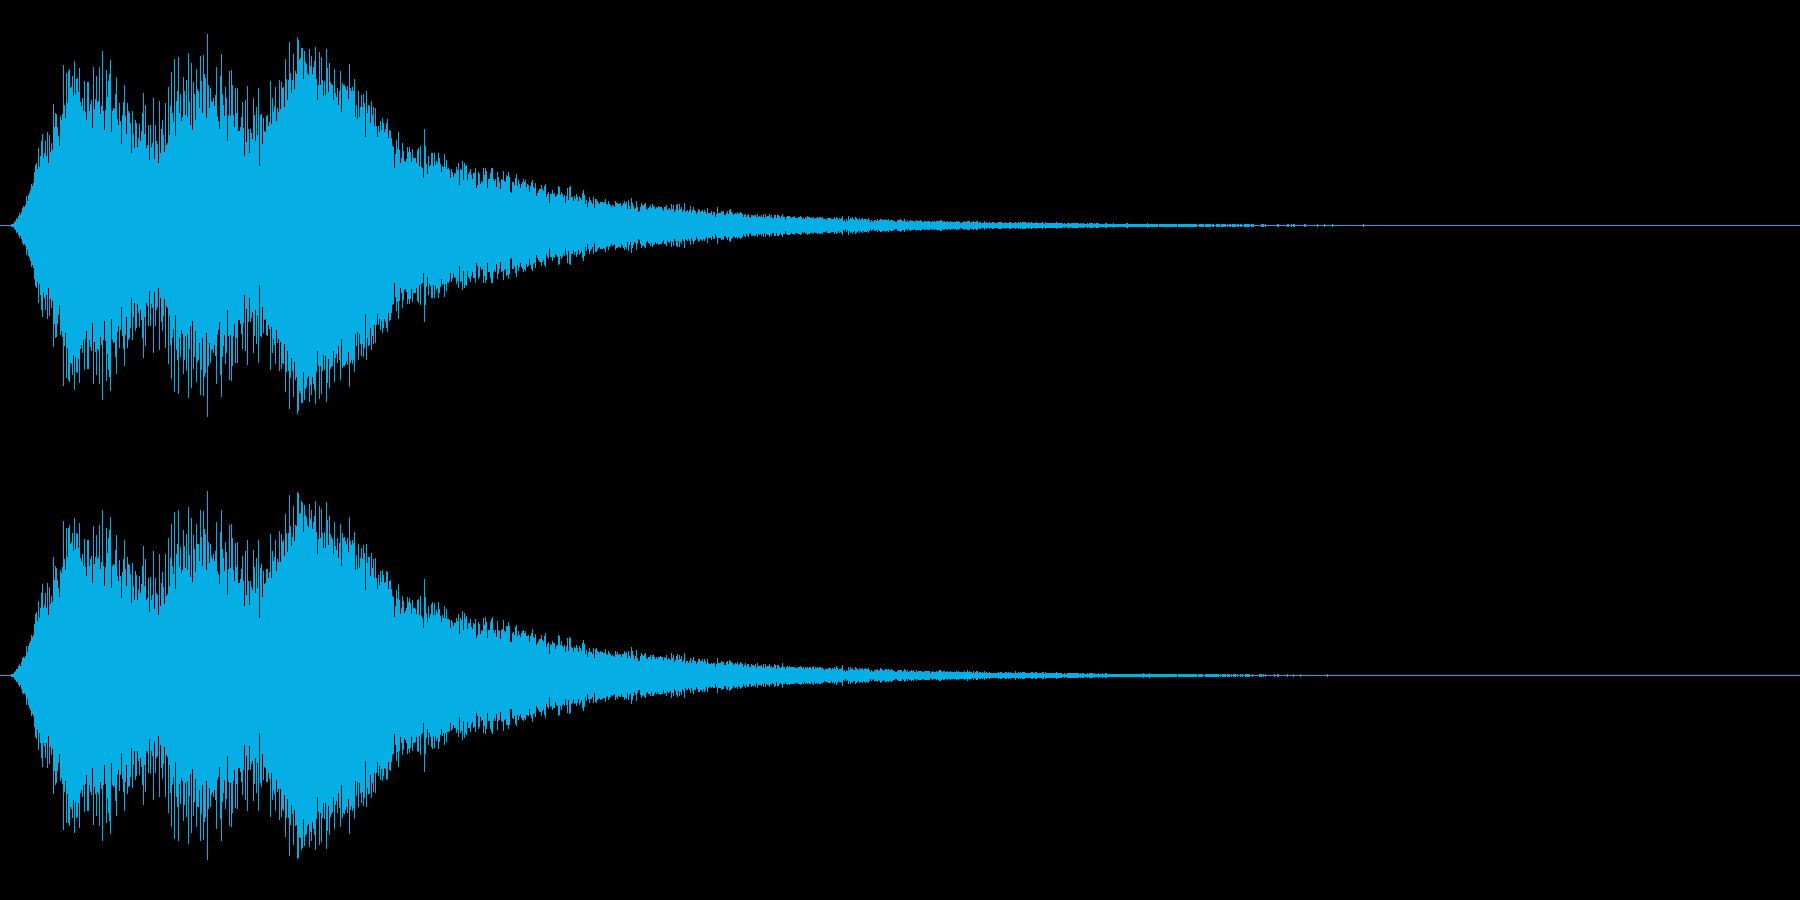 場面転換/移動/ワープの再生済みの波形